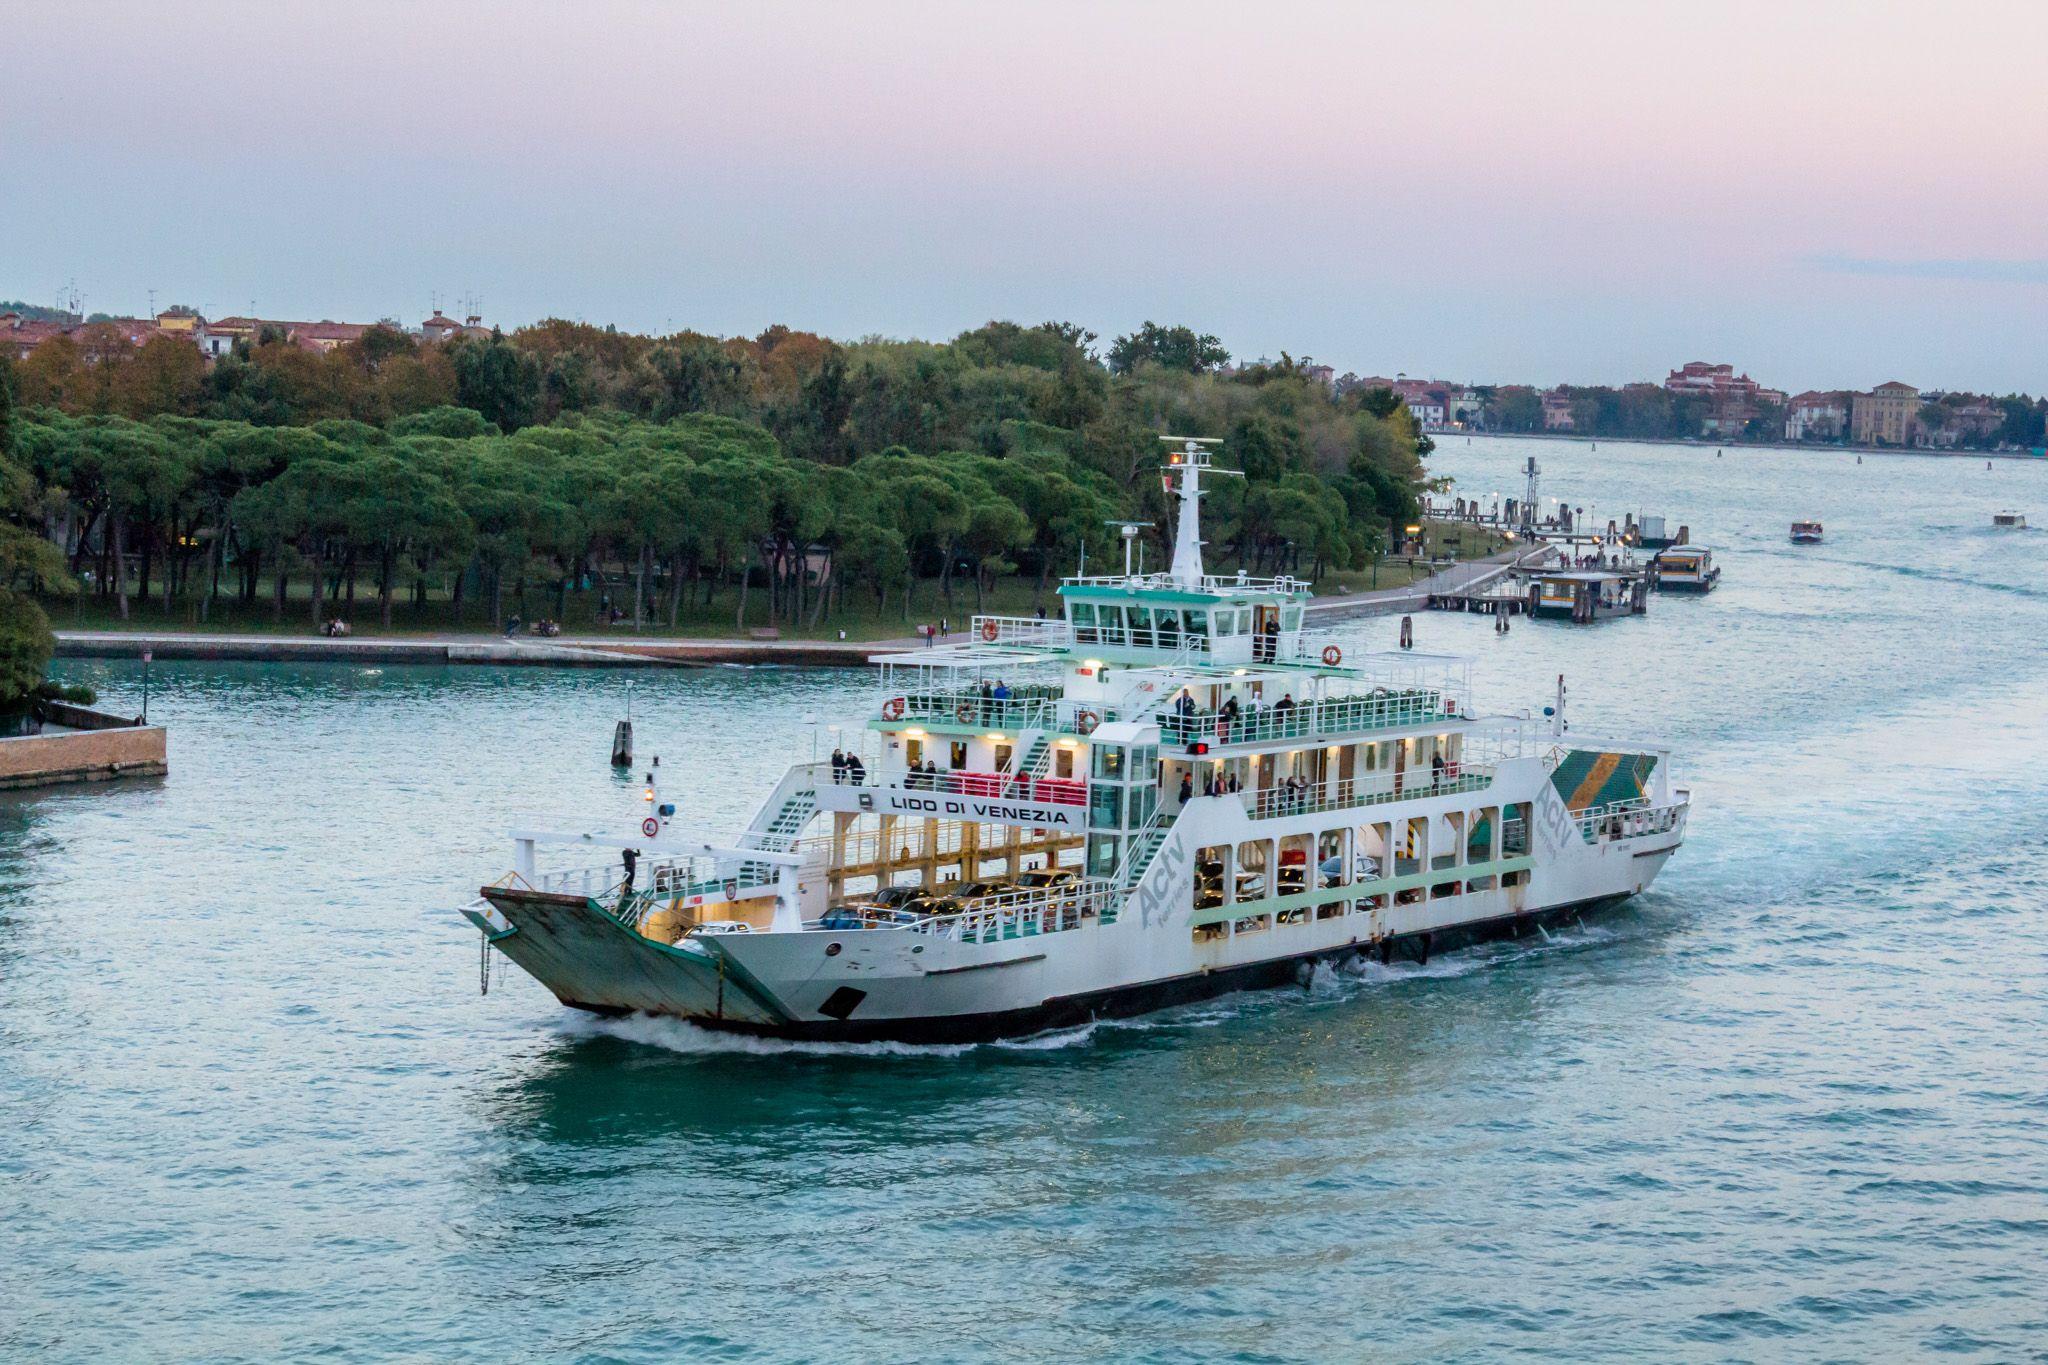 Lido ferry